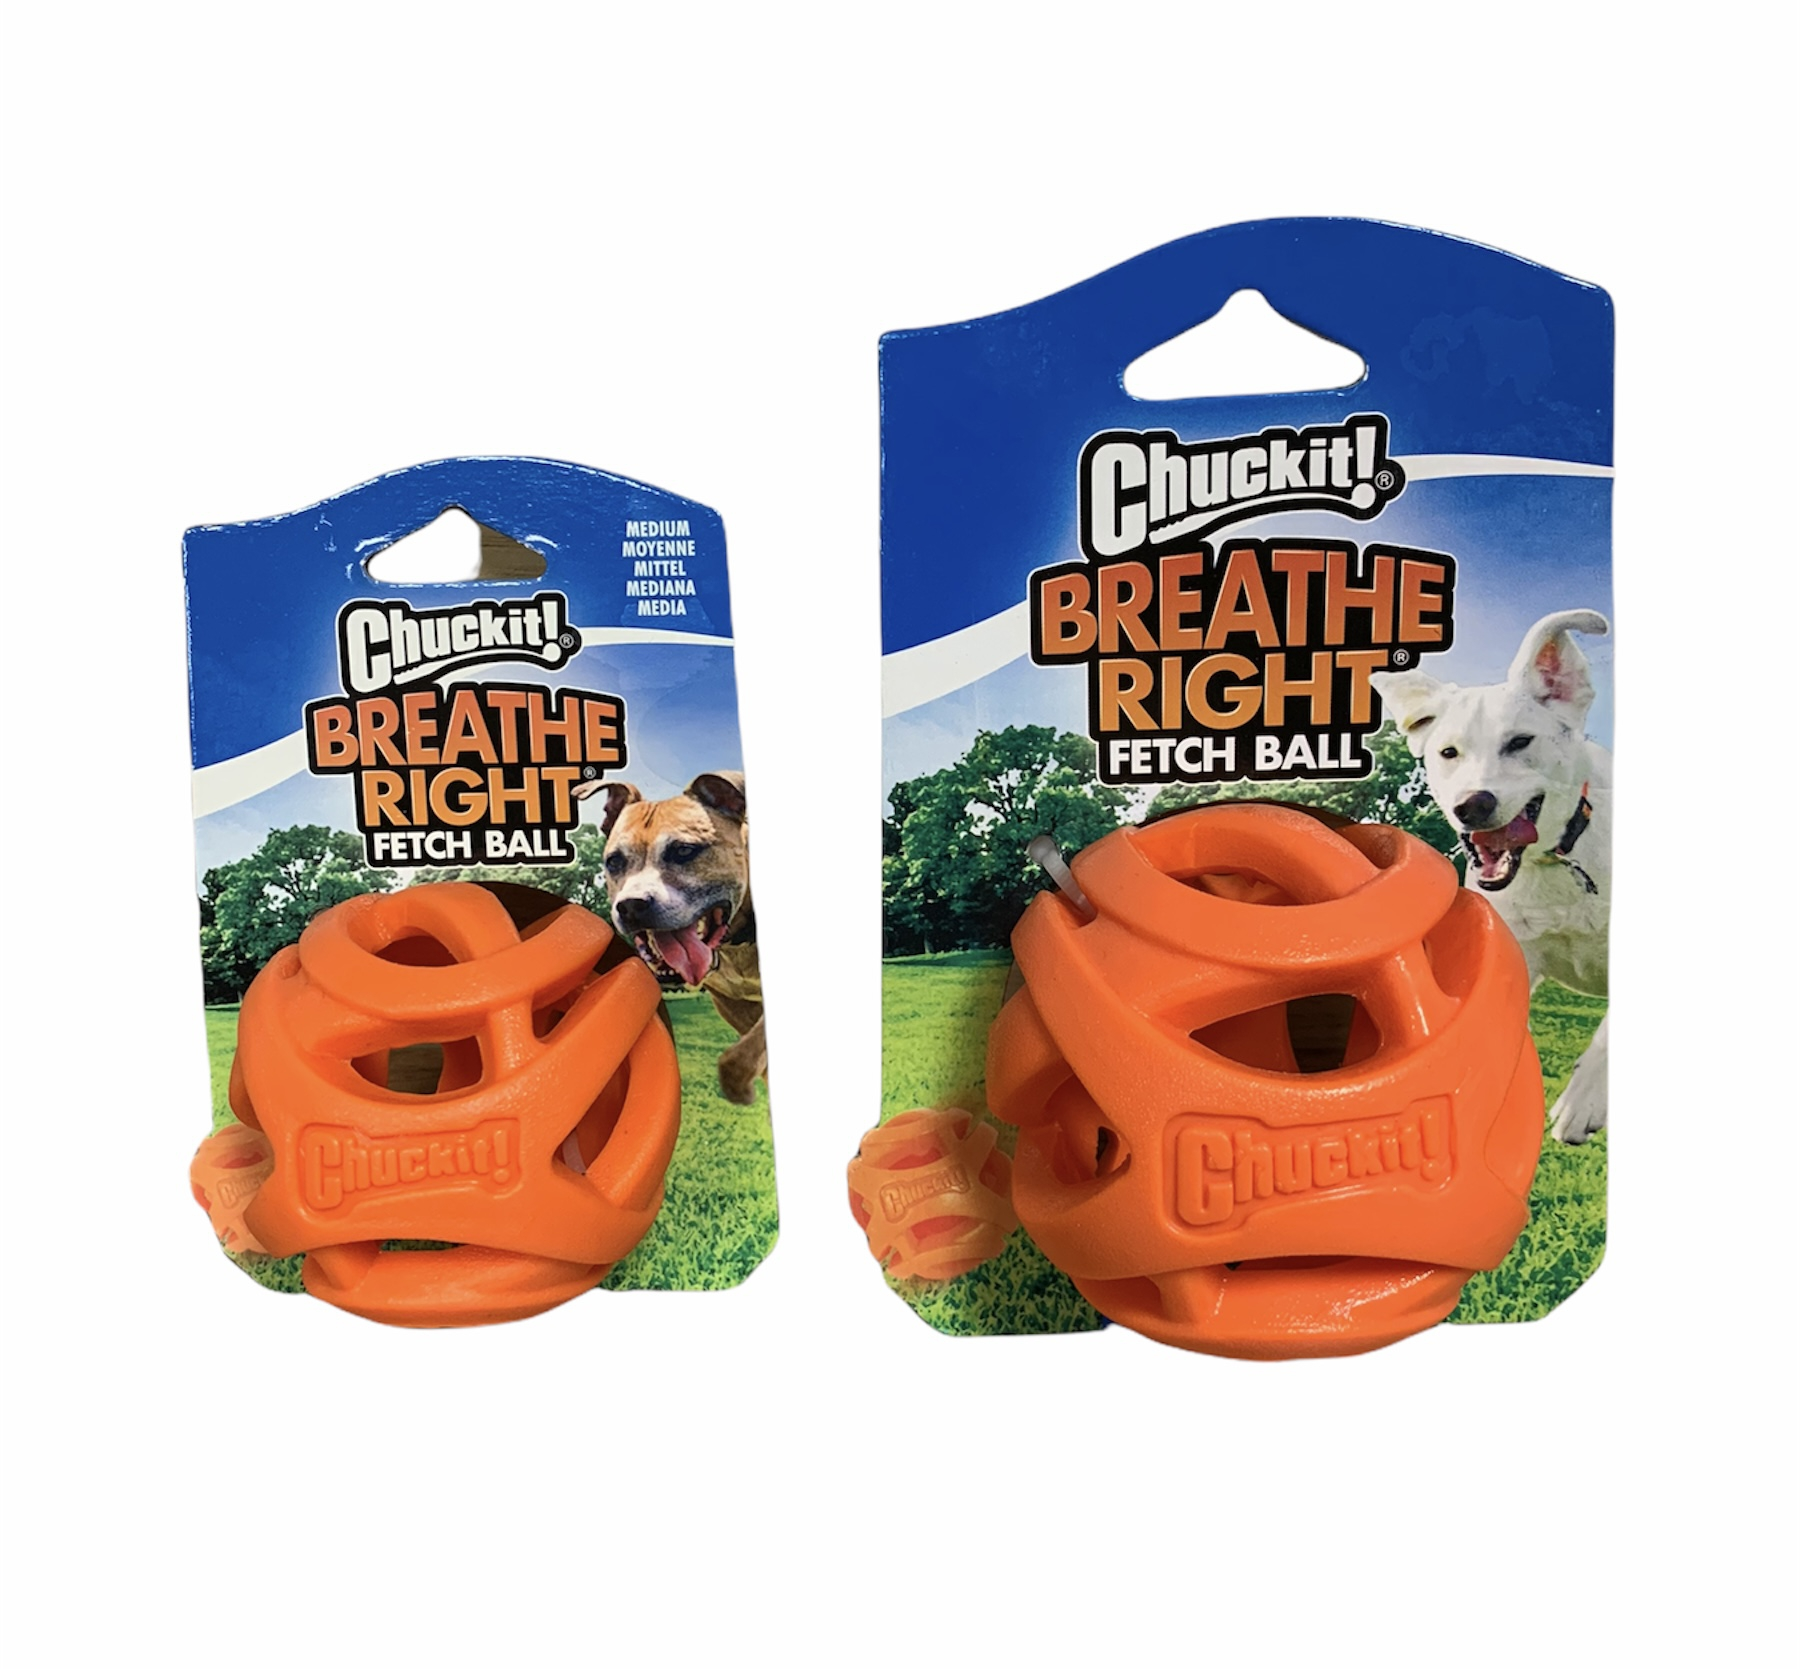 Chuckit Breathe Richt Fetch Ball